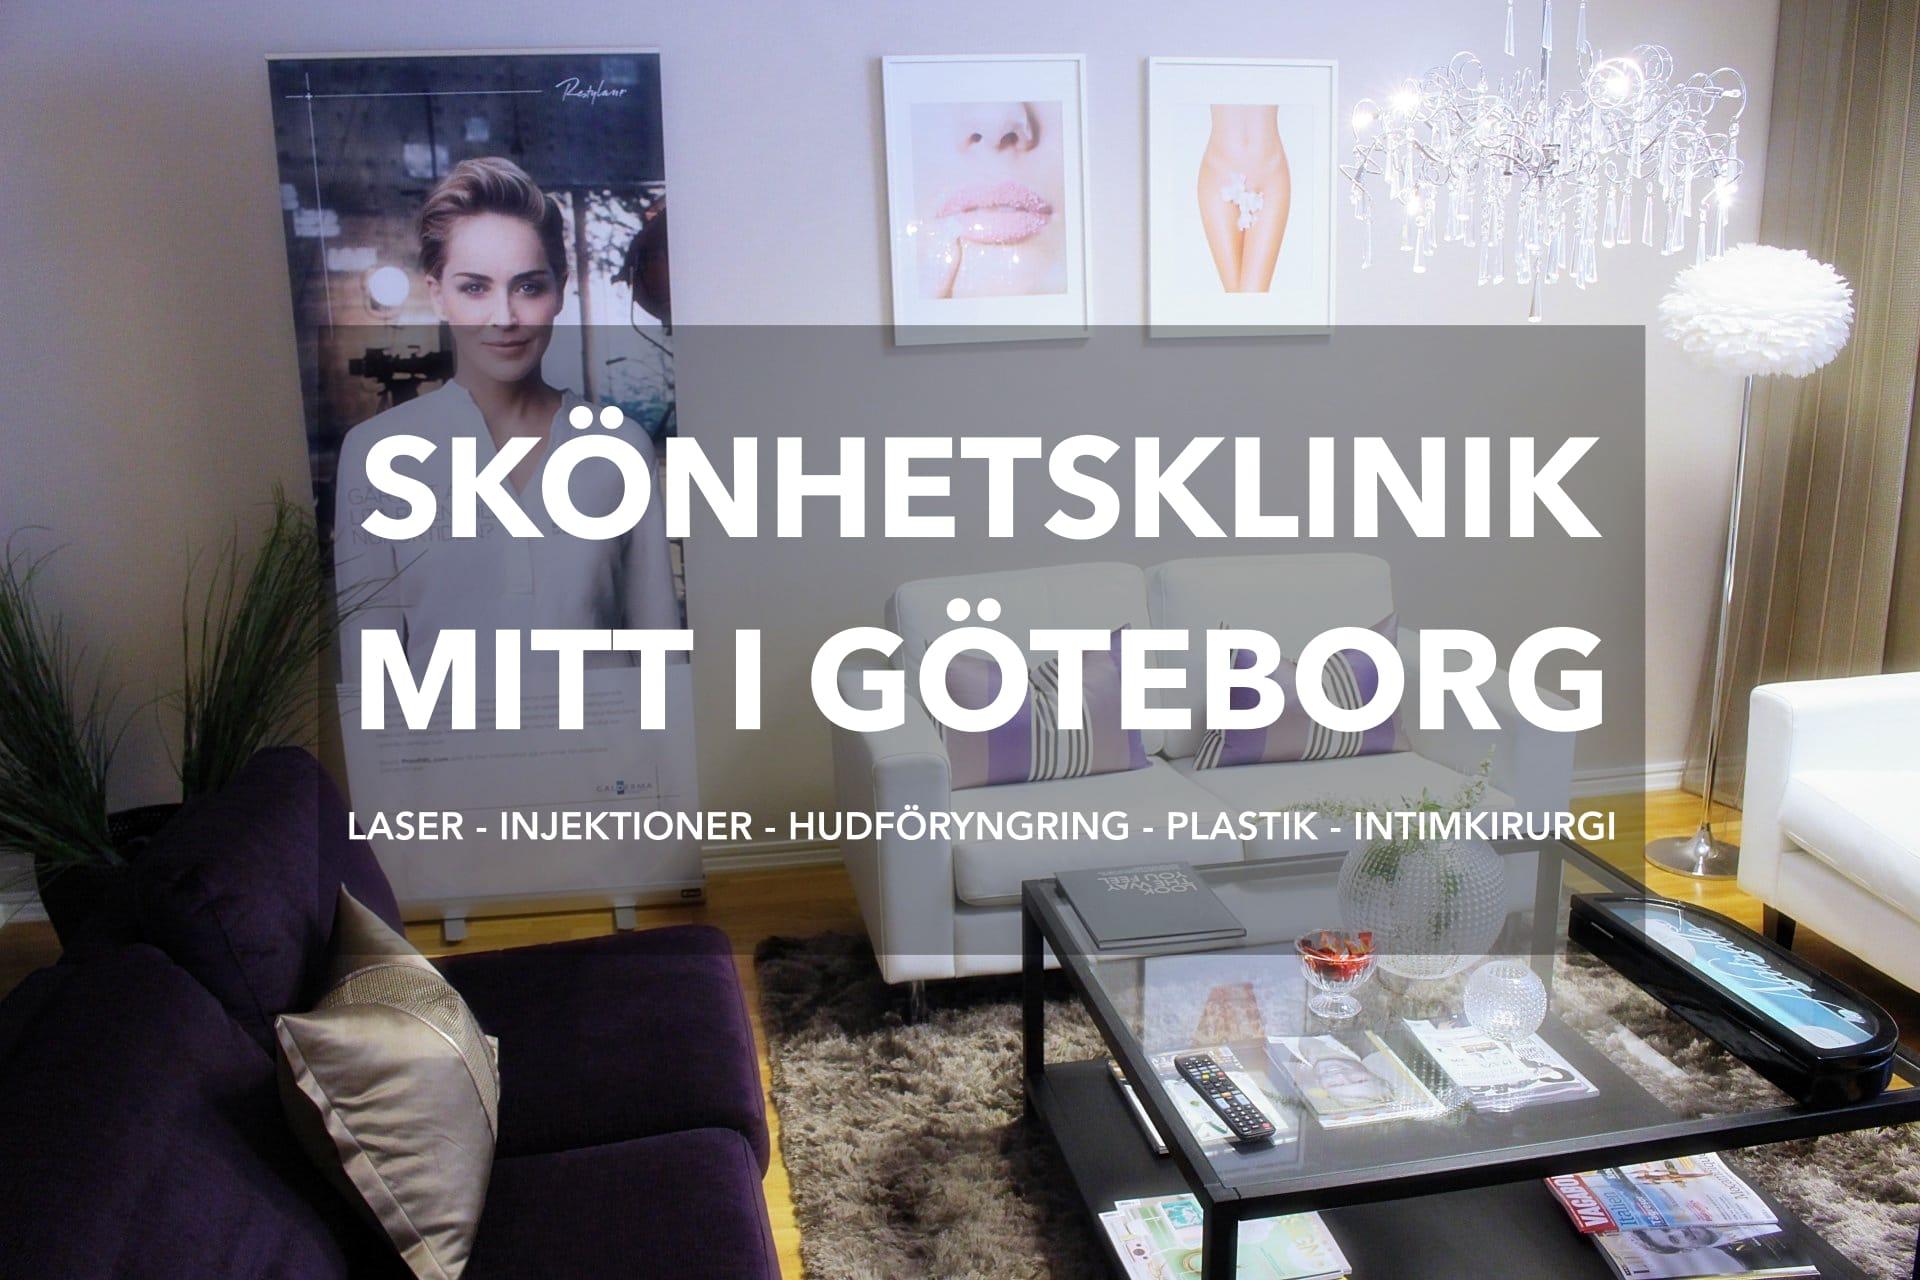 Medicinsk laser göteborg